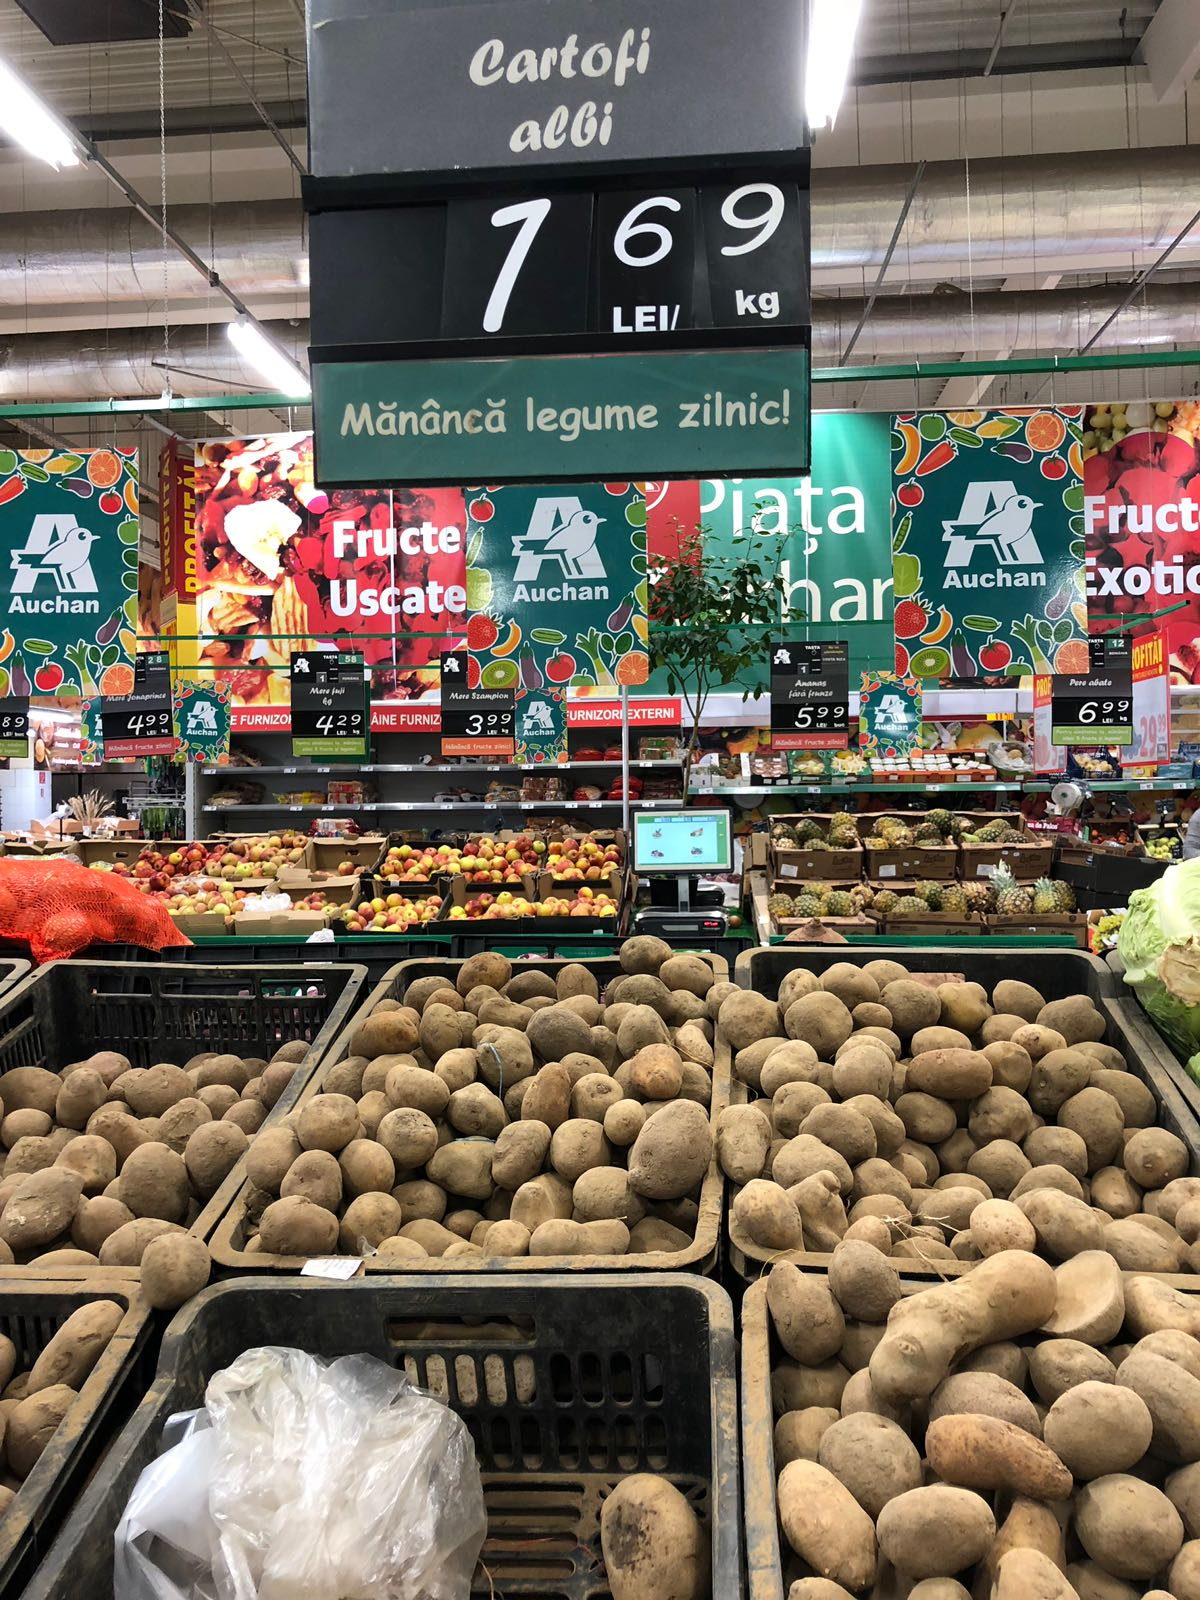 cartofi Auchan